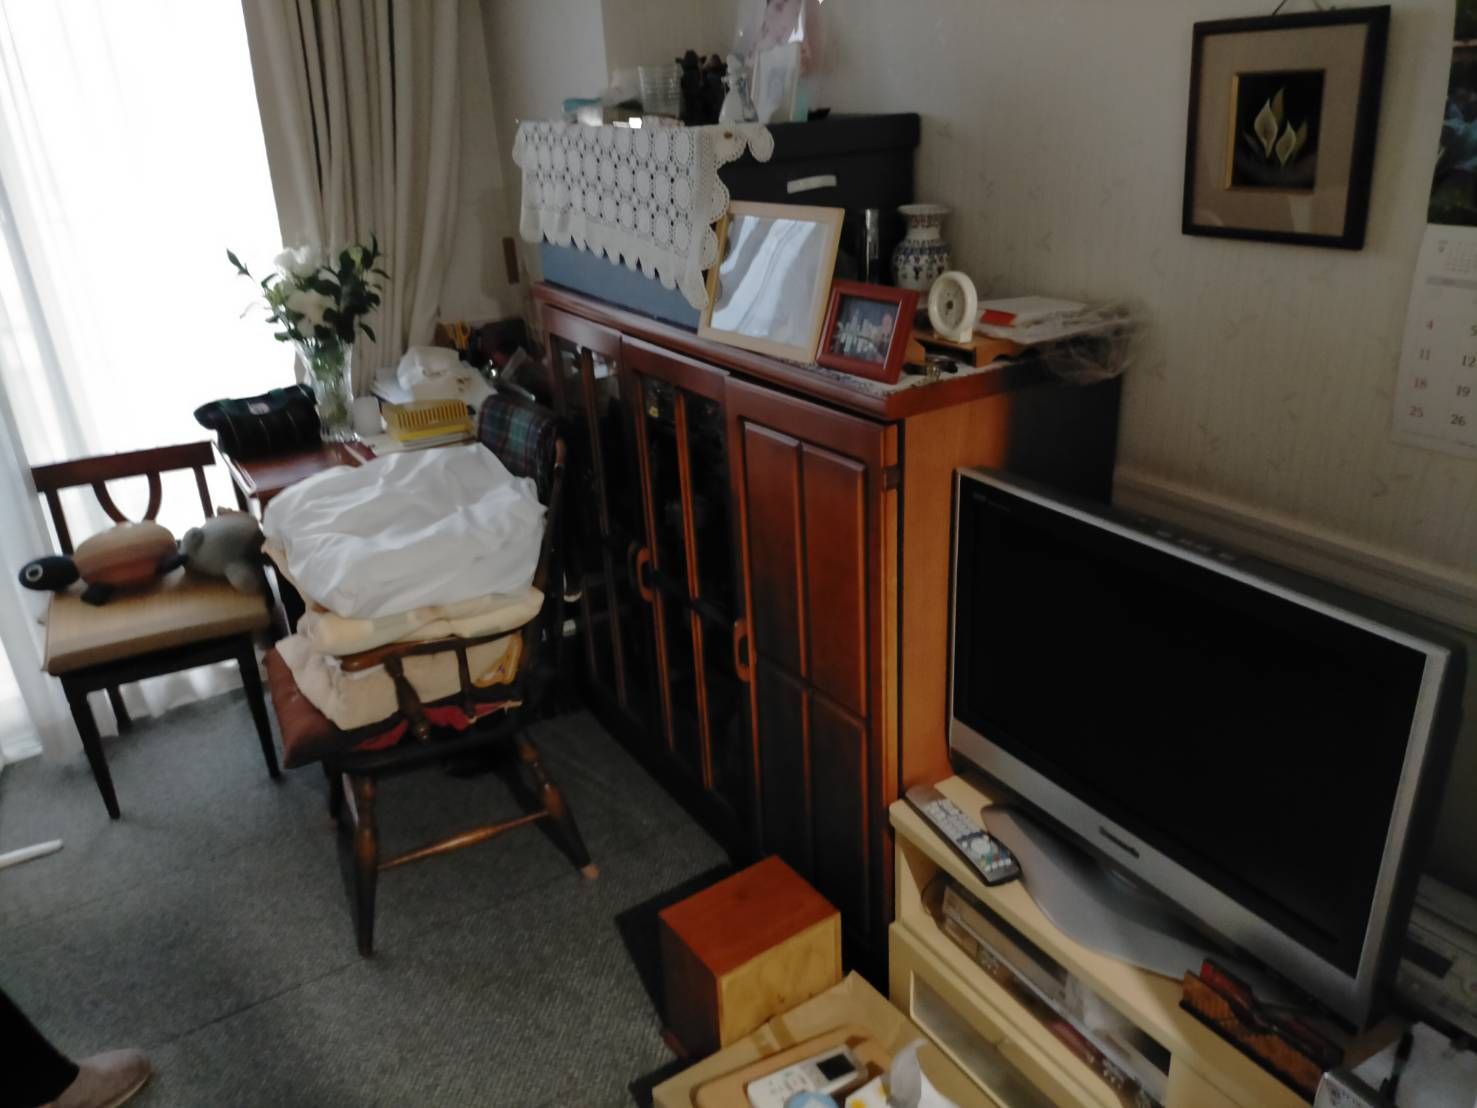 タンス、テレビ、テレビ台、机、椅子の回収前